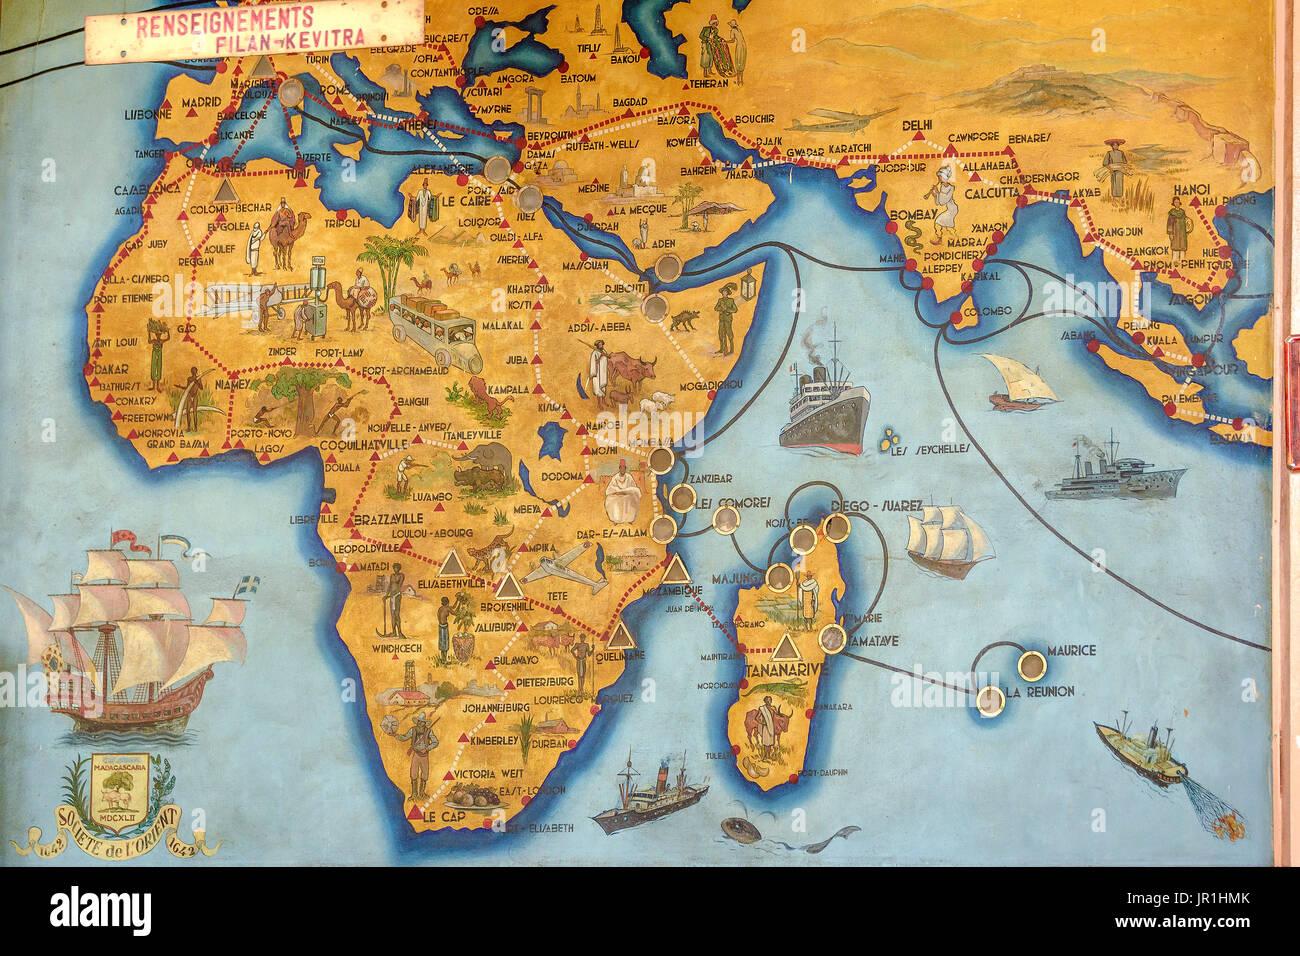 Carte murale coloniale antananarivo madagascar le bureau de poste